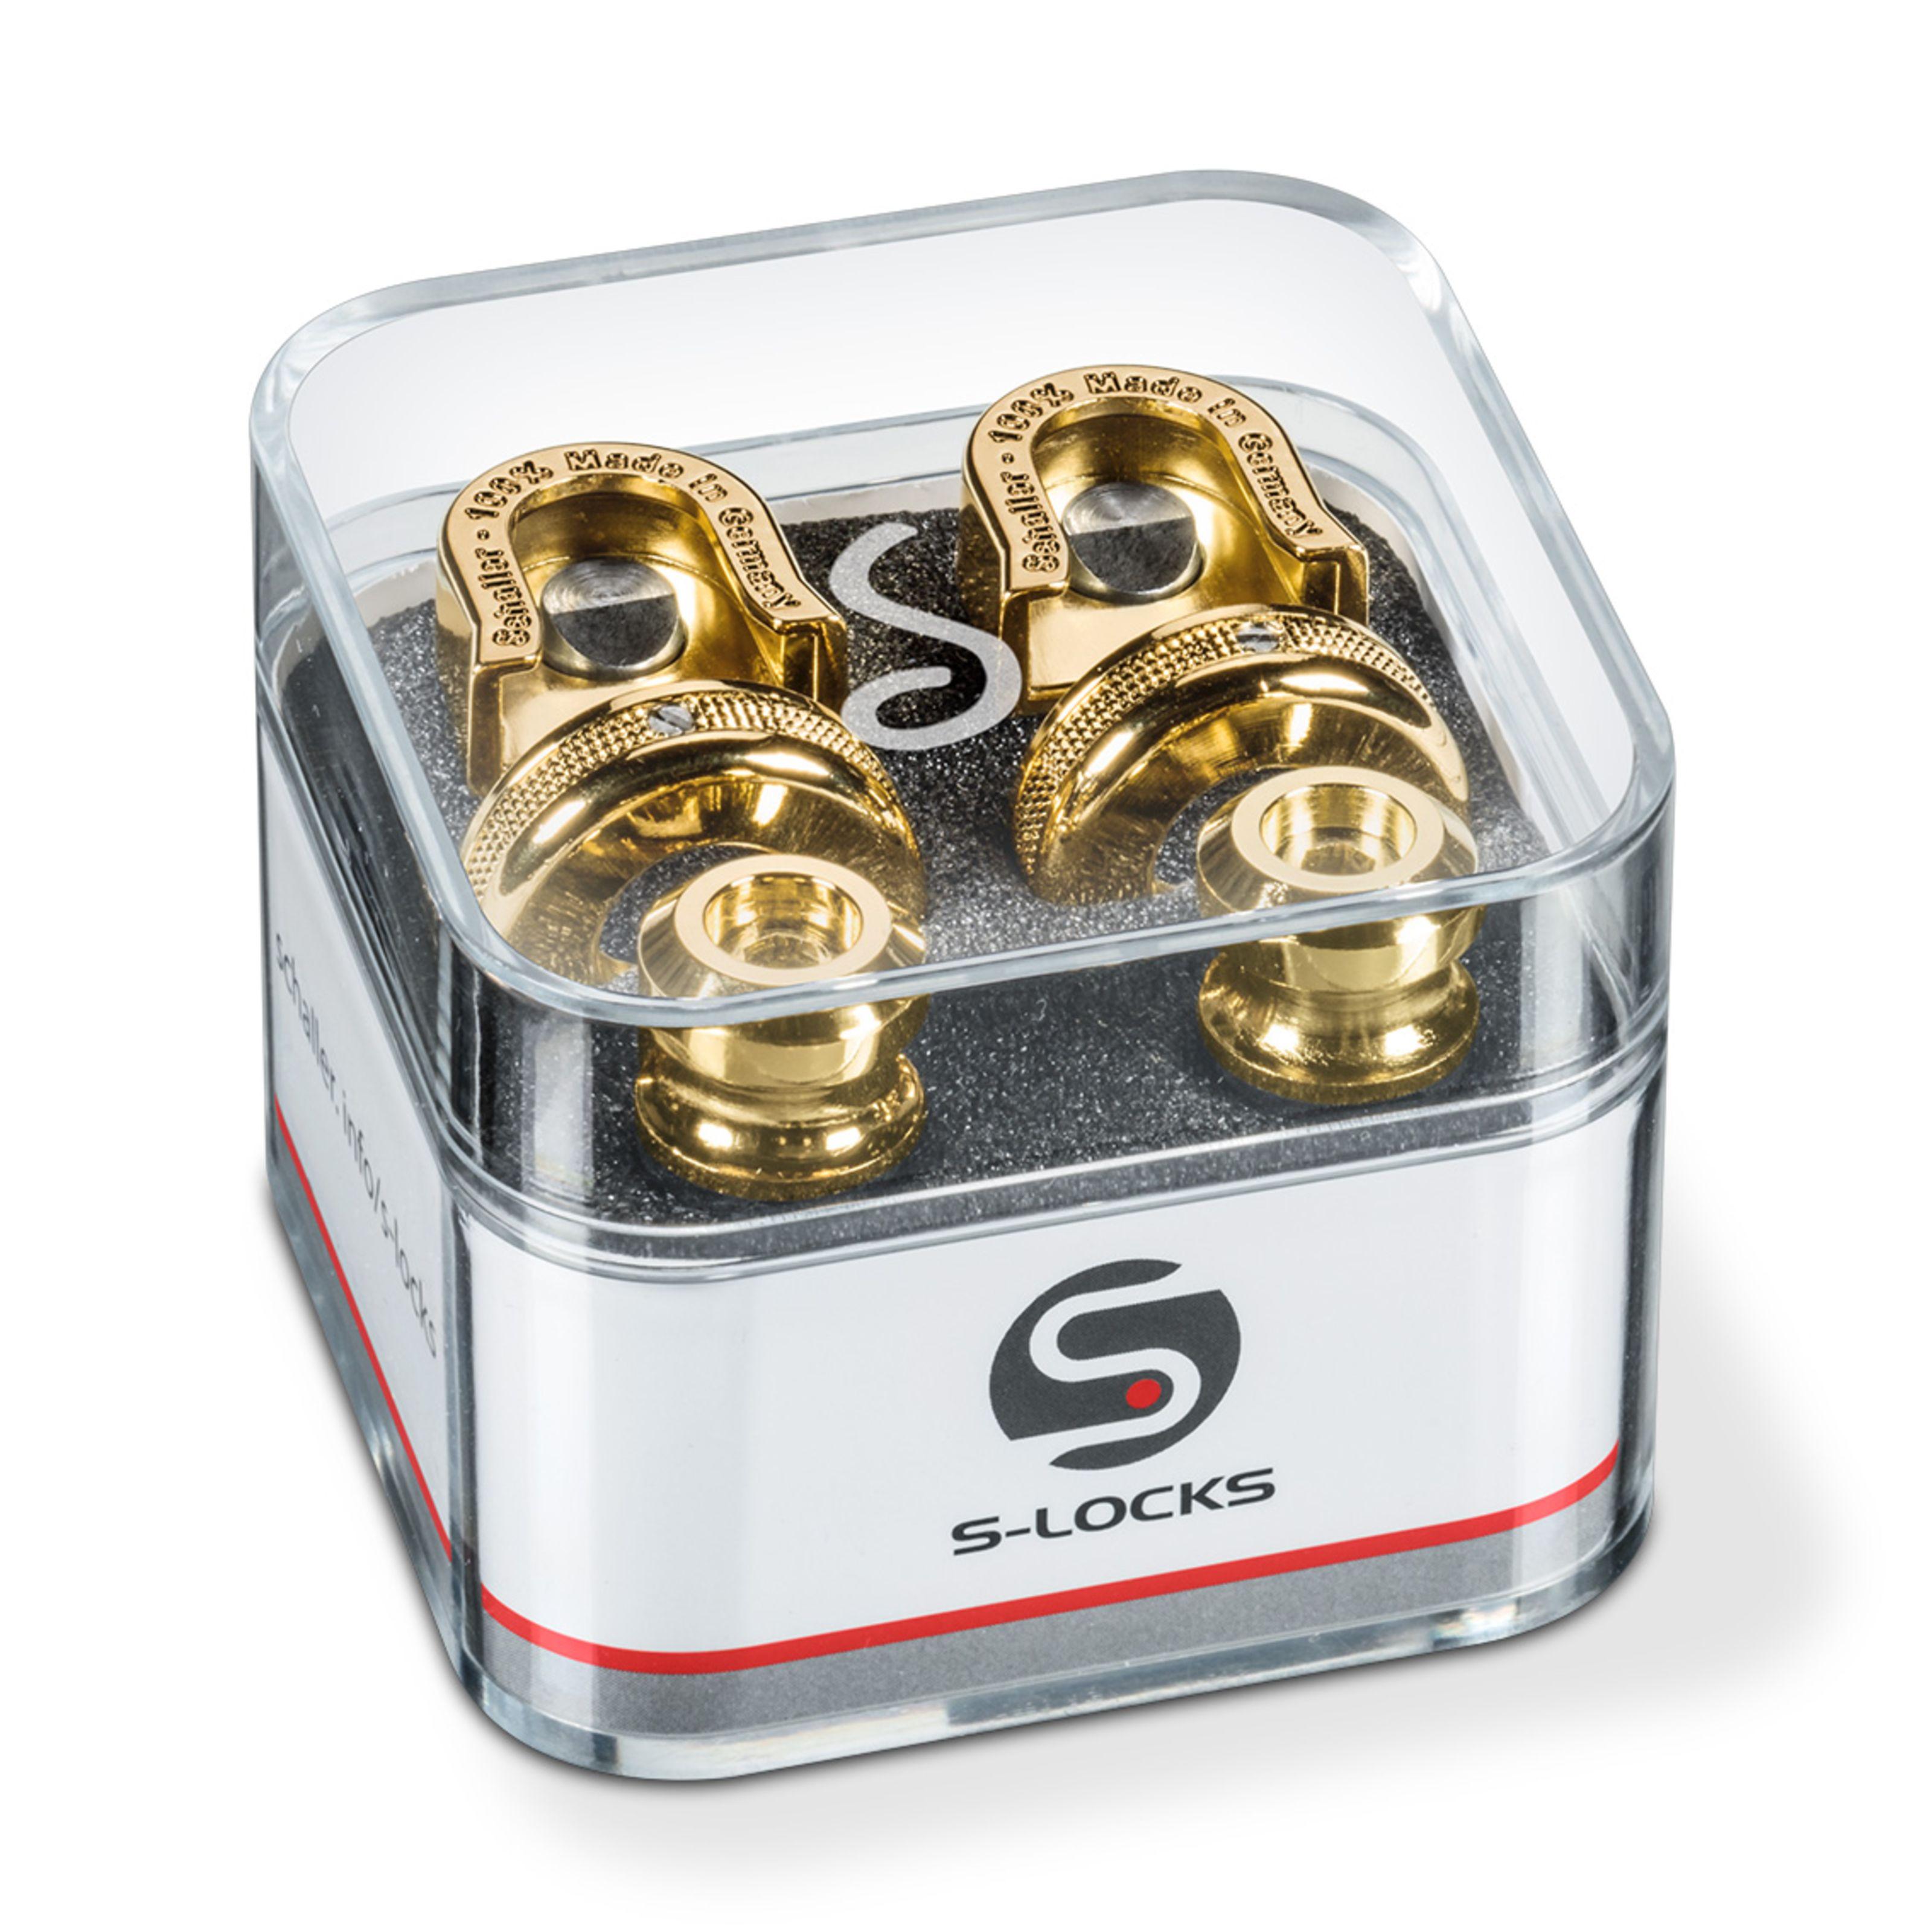 Schaller - S-Locks Gold 740005